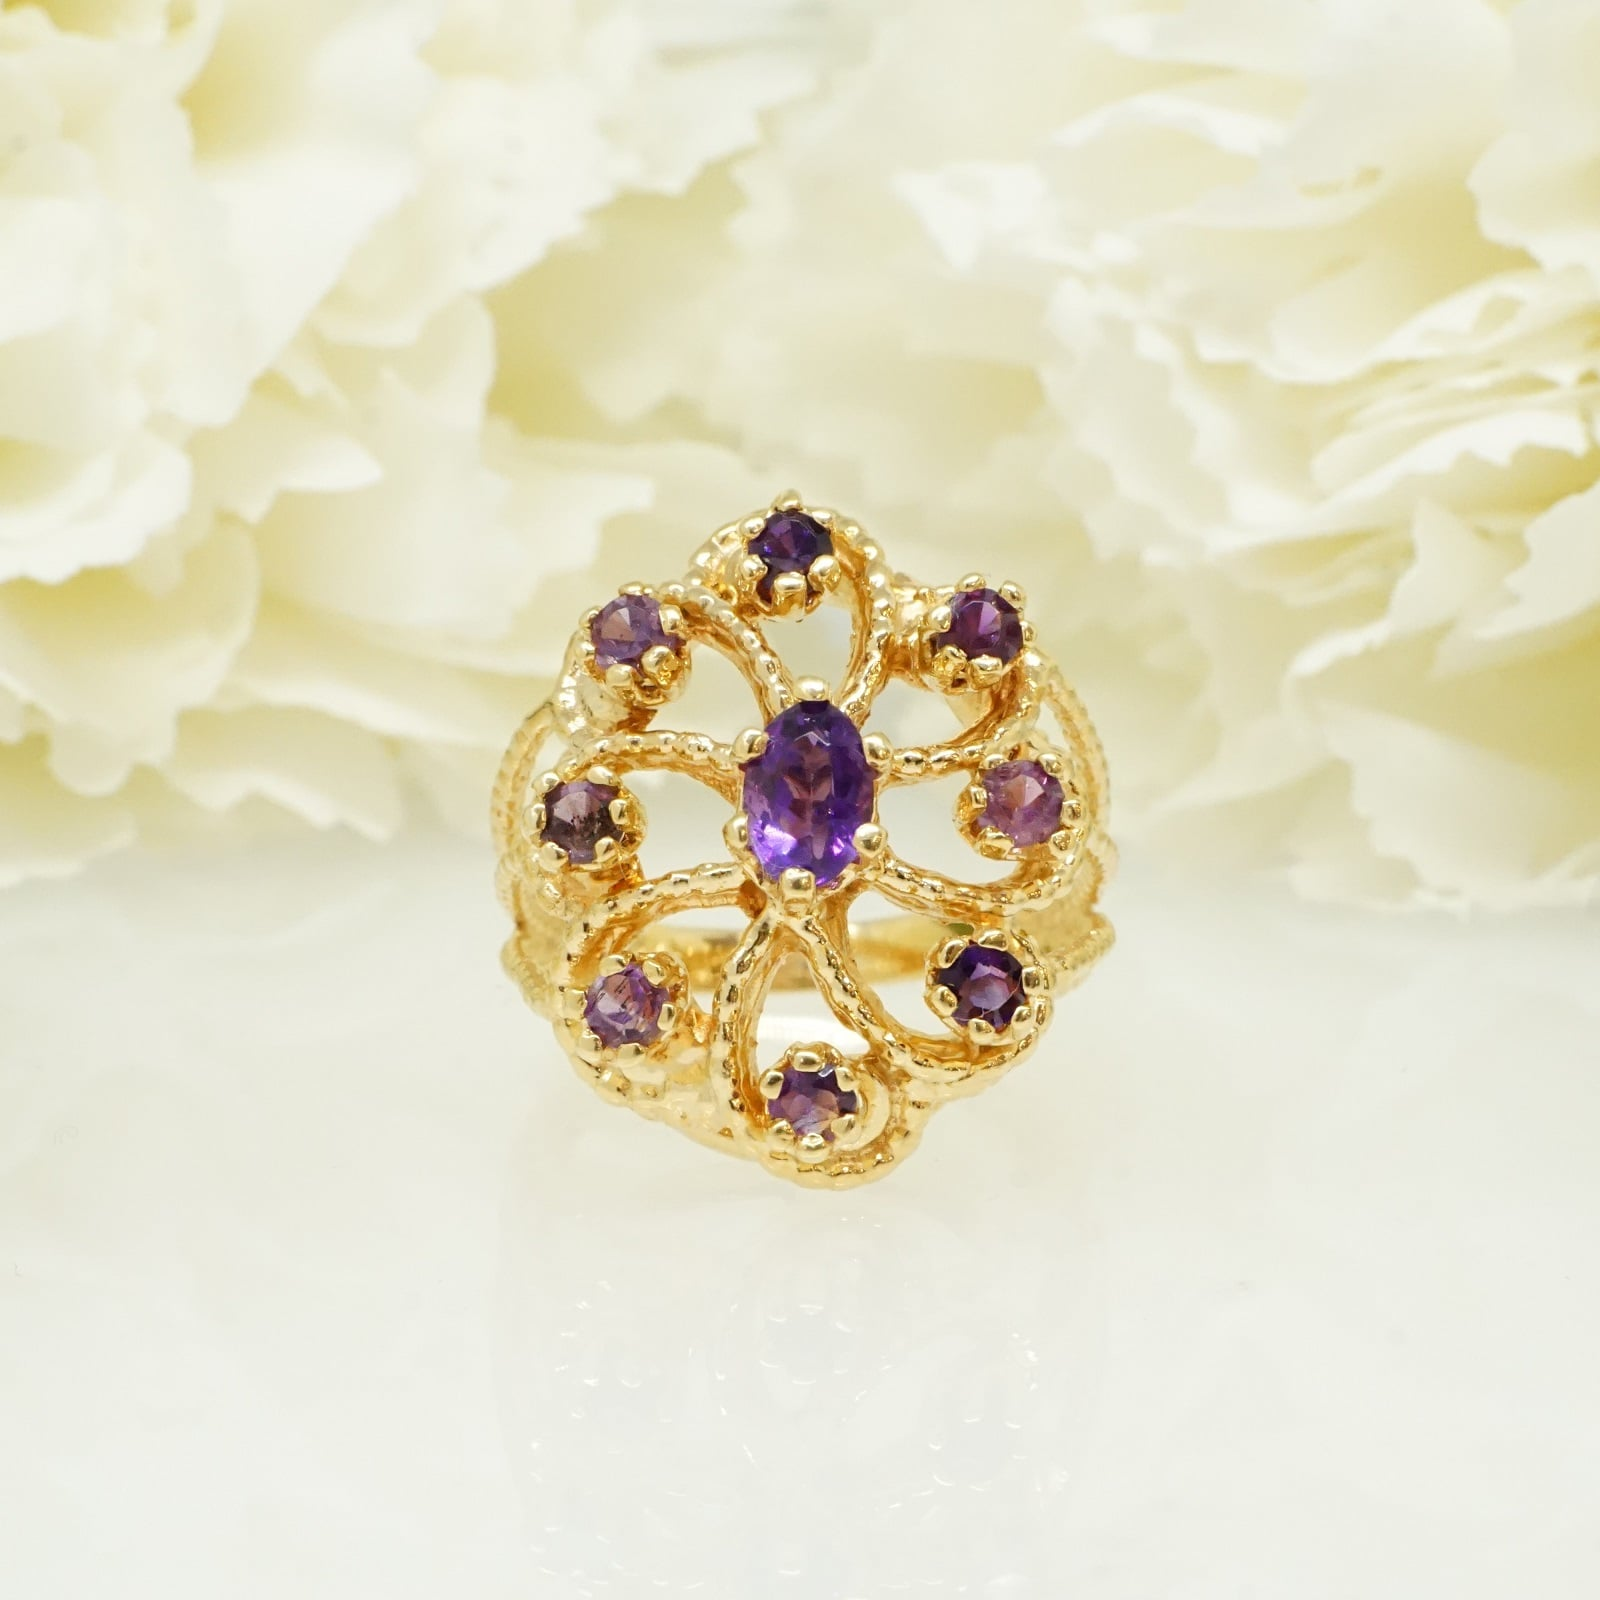 טבעת אמטיסט יפהפייה בזהב 14 קרט